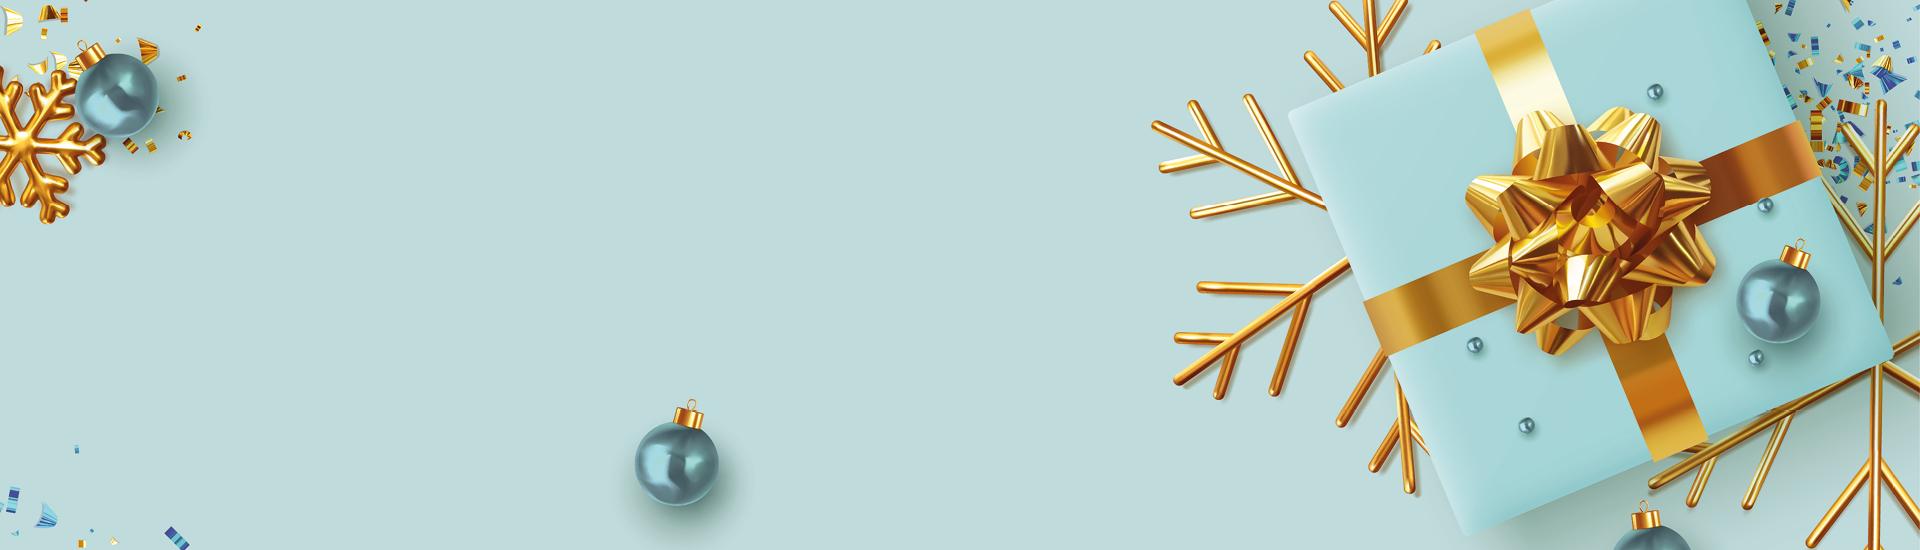 Weine - Unsere Bestseller & Lieblingsweine für die Feiertage mit -20% 10-12/2020 - Slider